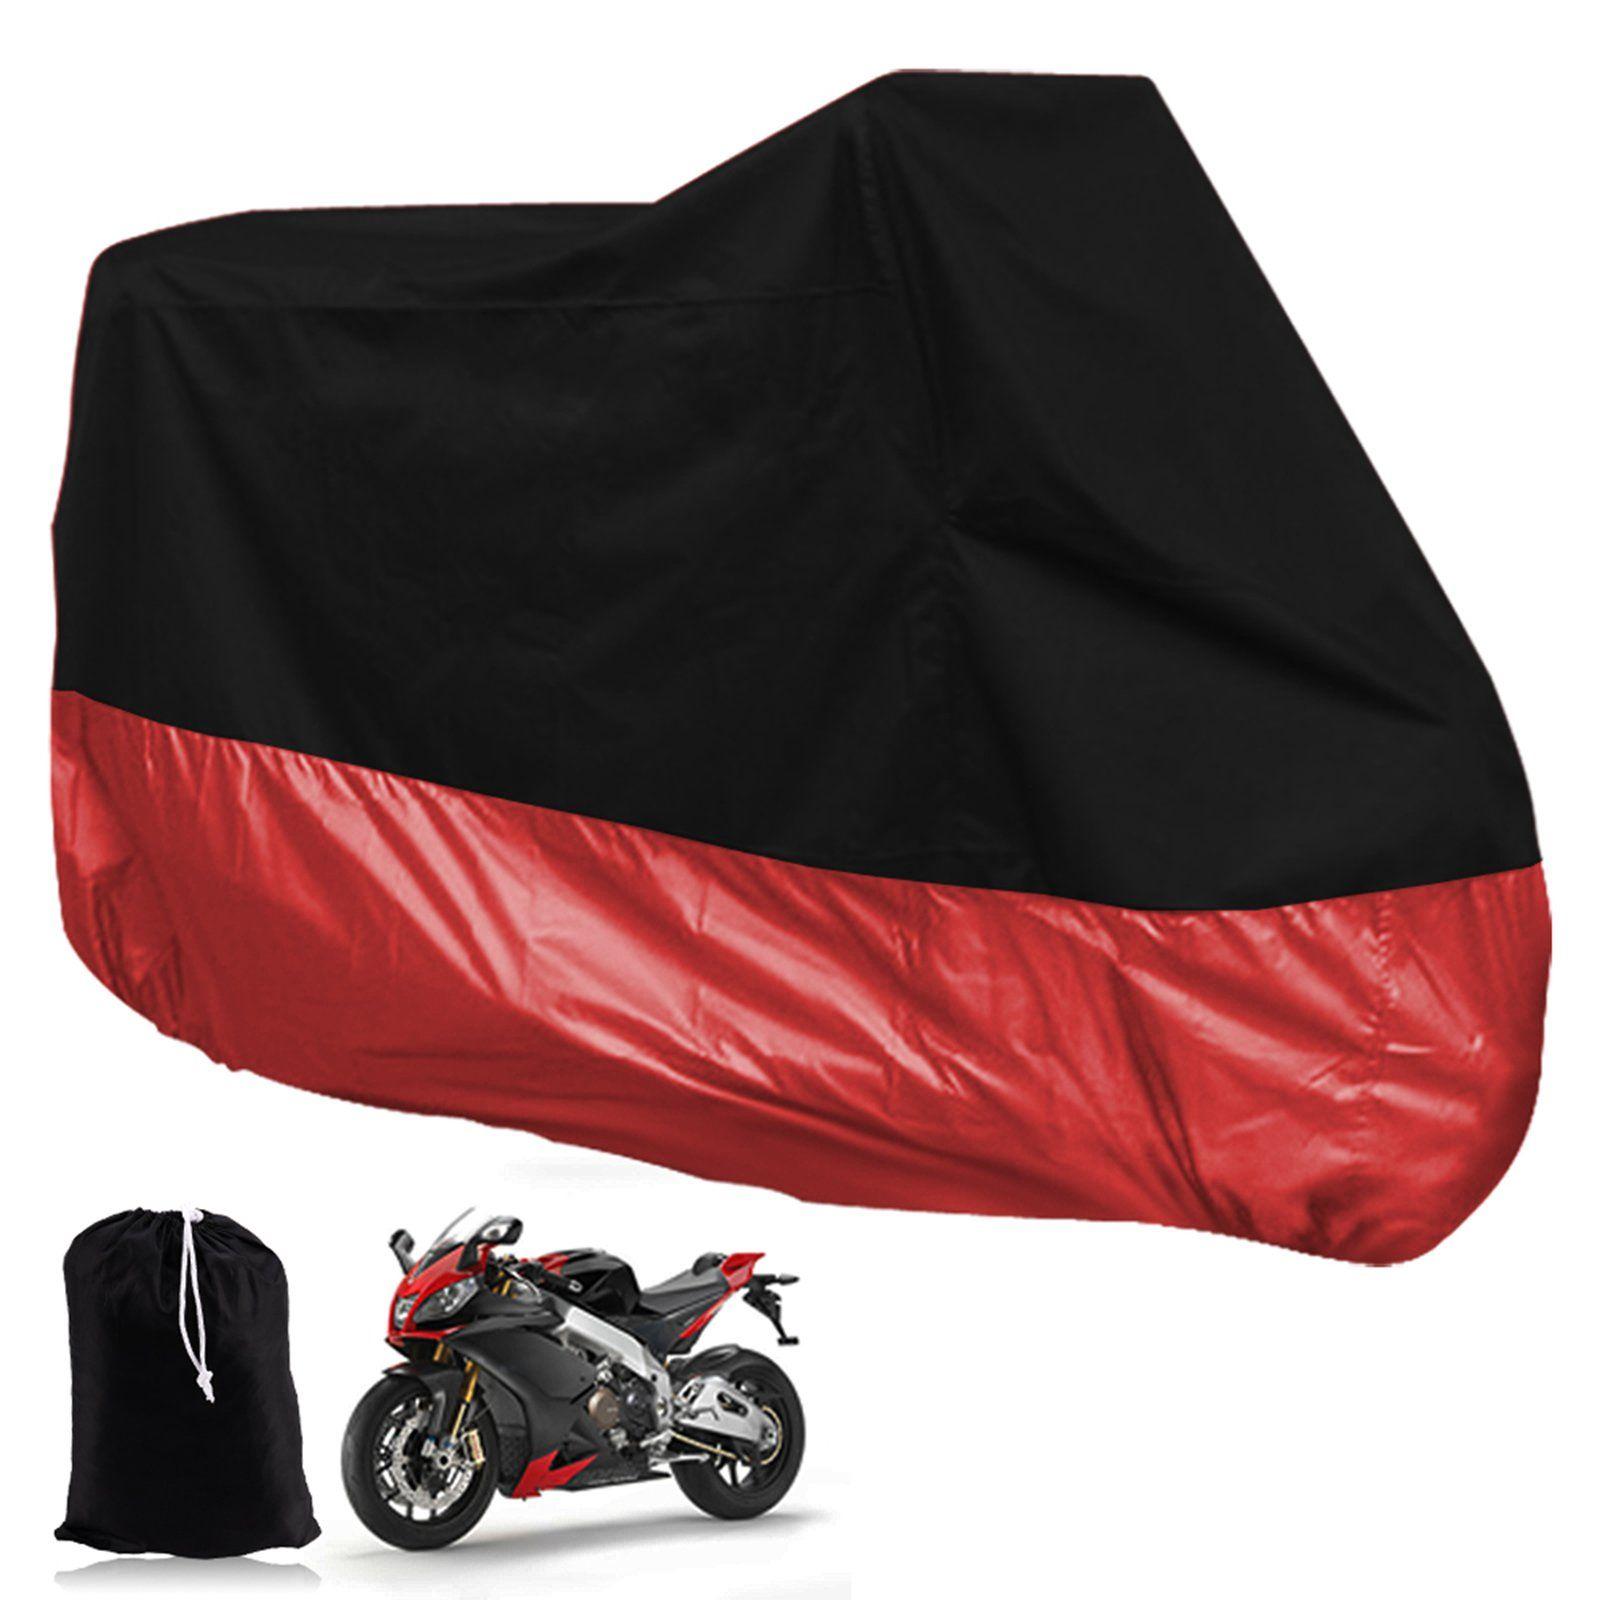 245 см Размеры XL мотоциклов Обложка Водонепроницаемый Открытый УФ протектор велосипед дождь пыле для Мотоцикл Скутер цена оптовой продажи